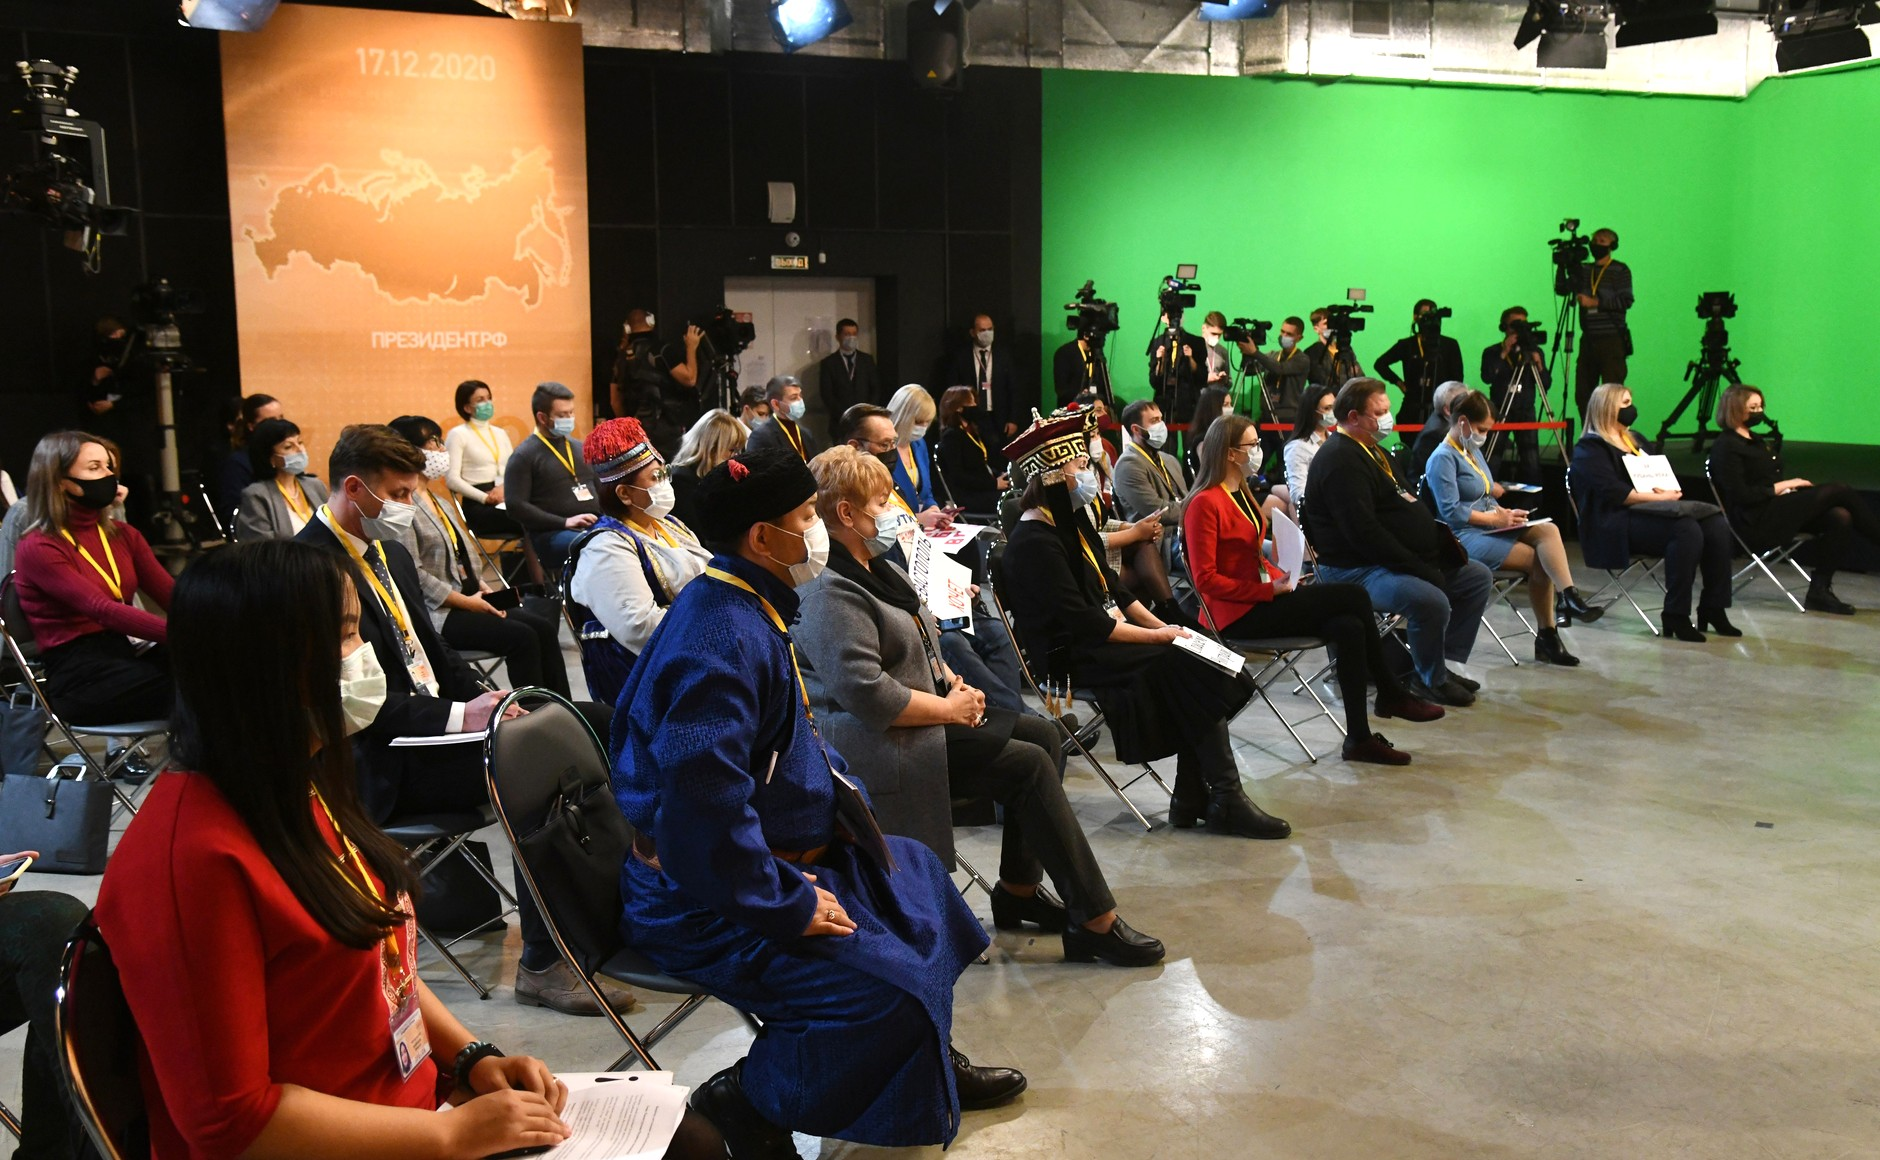 RUSSIE 17.12.2020.CONFERENCE 14 XX 66 Avant le début de la conférence de presse annuelle de Vladimir Poutine.